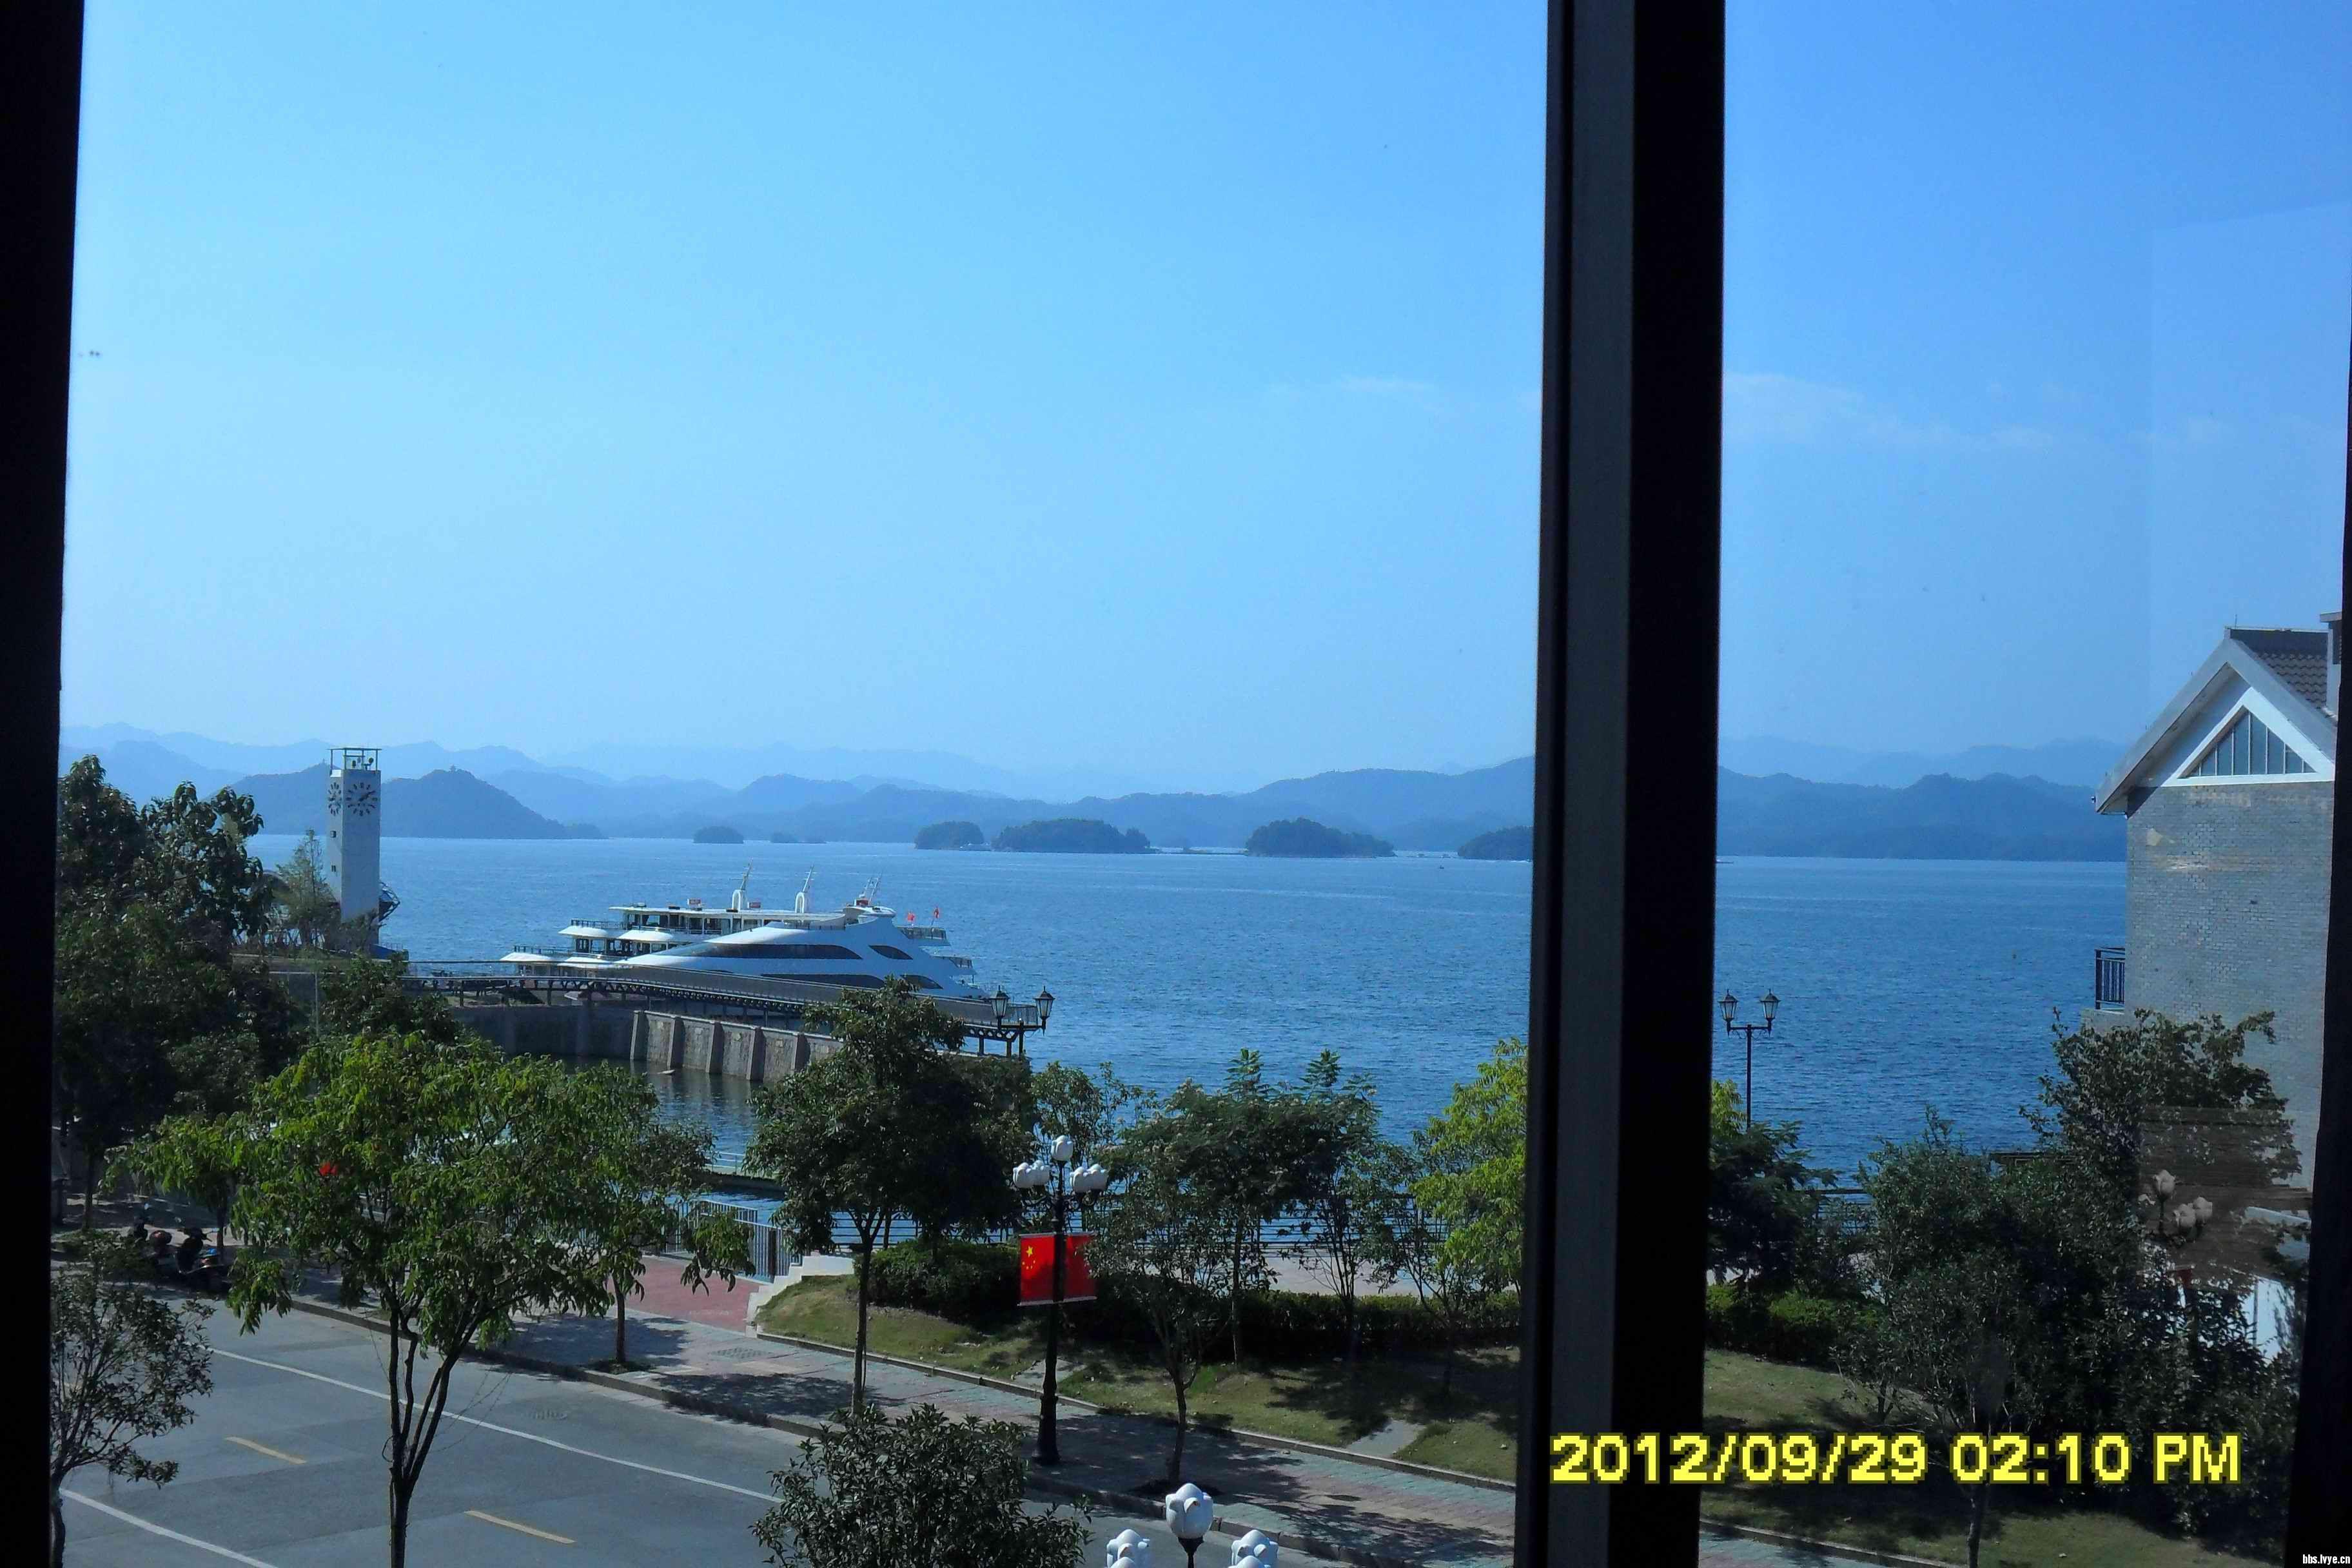 青岛酒店管理学院2013年分数线 青岛酒店管理学院2013年分数线最新